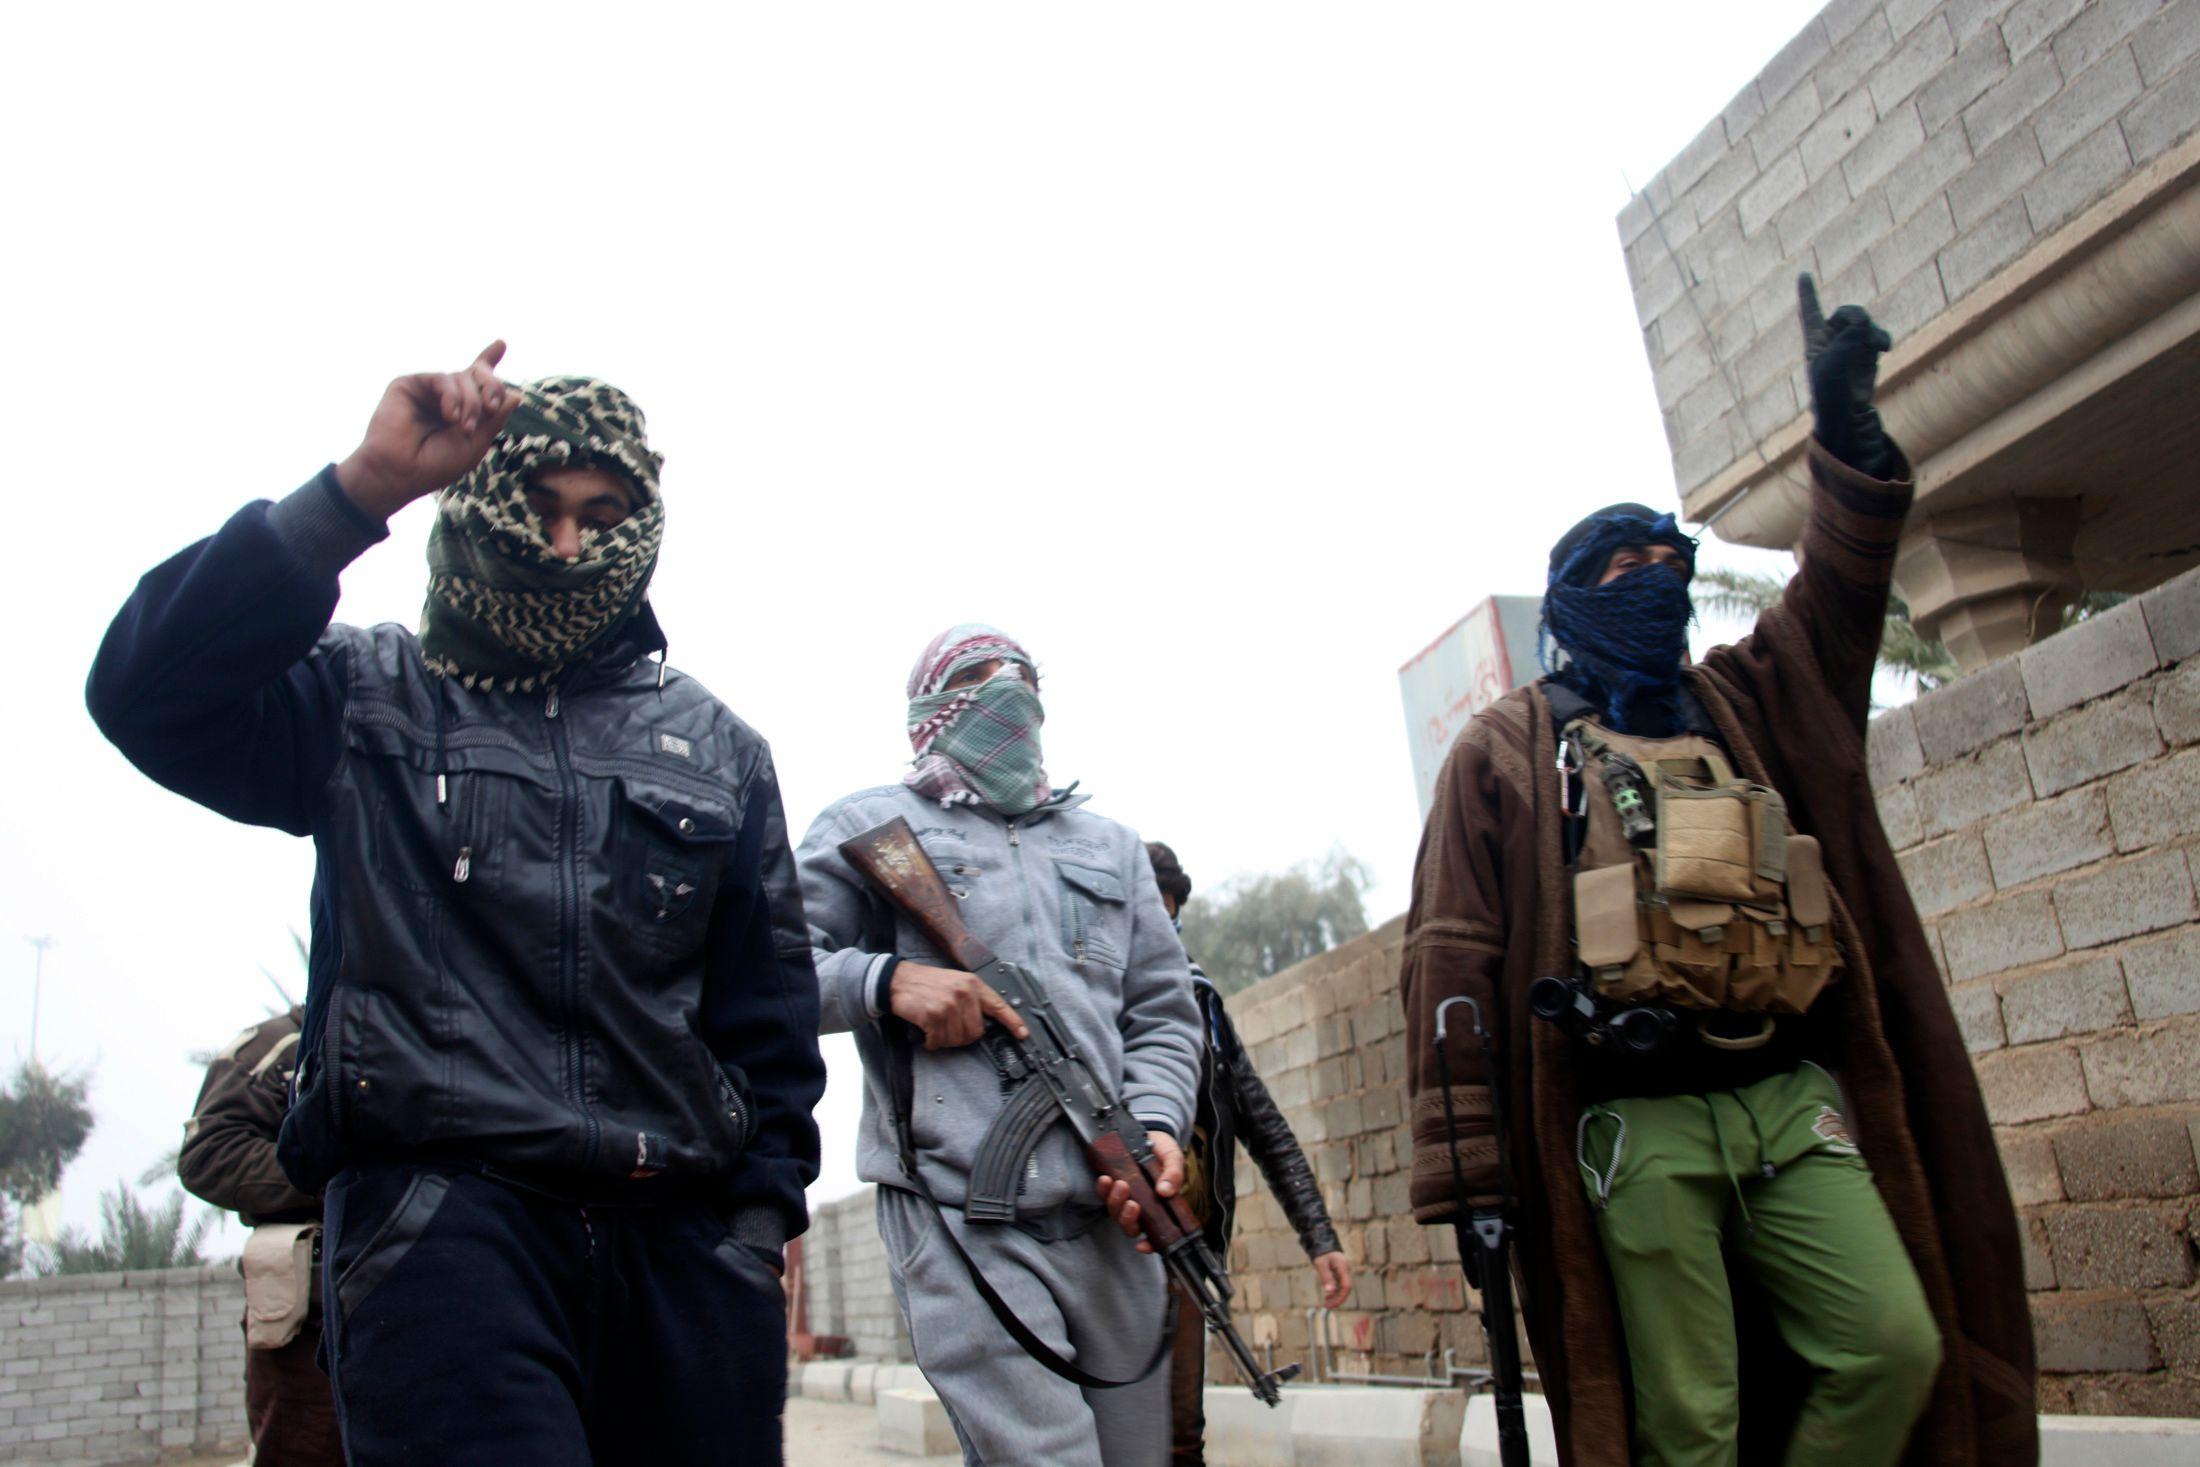 Aidée par des tribus locales, l'armée irakienne a lancé une offensive dans la province d'Anbar pour tenter d'en déloger des rebelles sunnites affiliés à Al-Qaïda cherchant à prendre le contrôle de l'ouest de l'Irak.